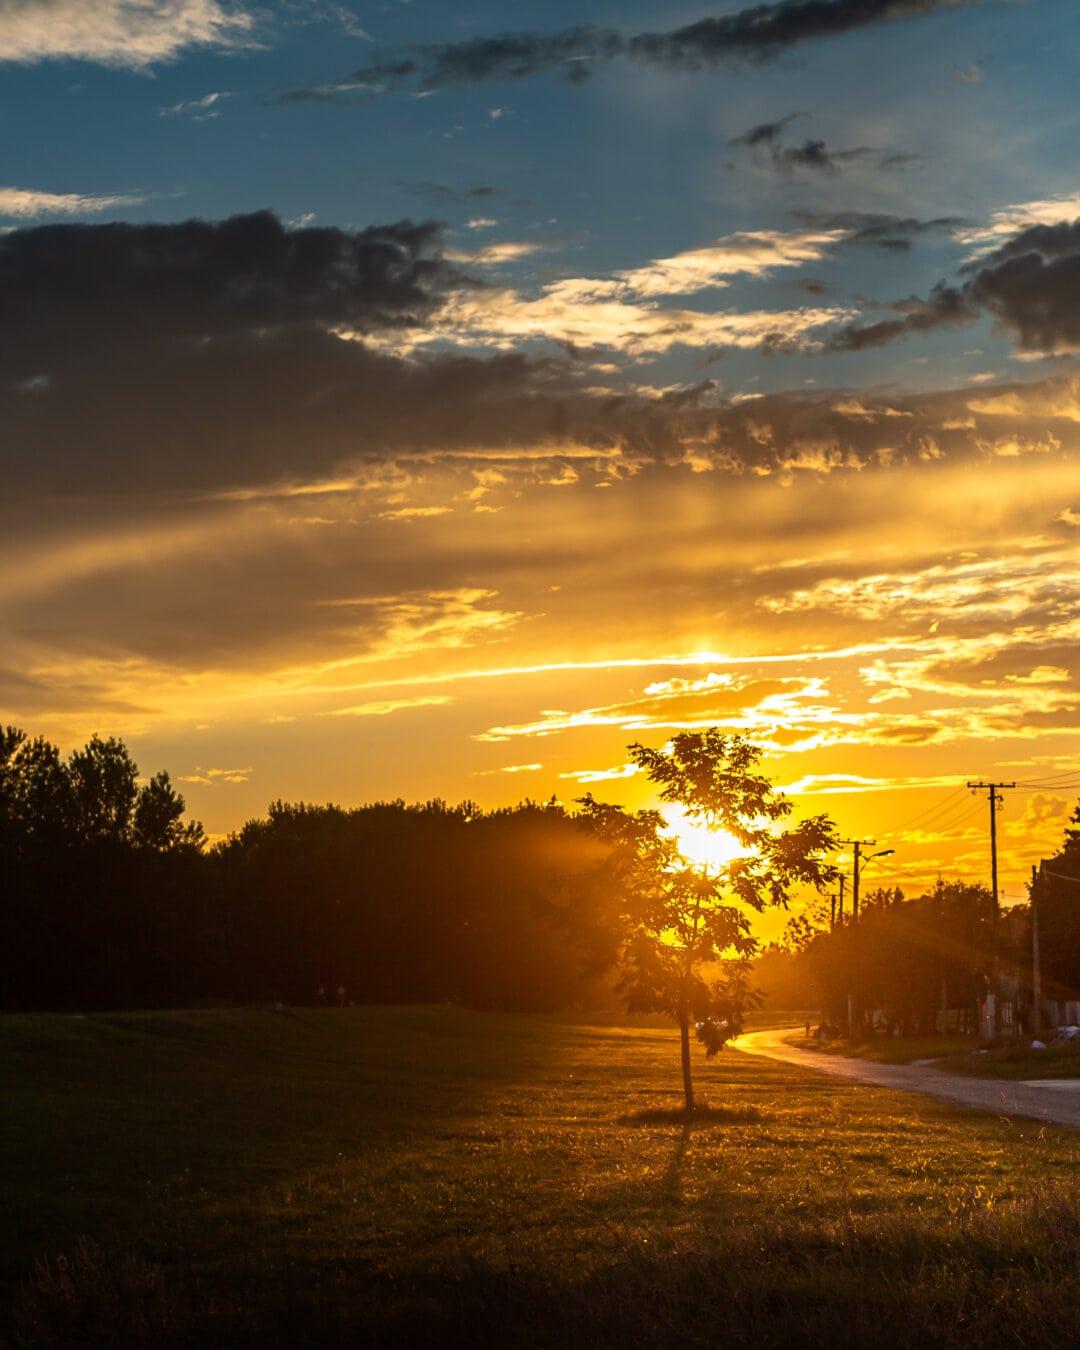 Lumina soarelui, strada, rurale, apus de soare, razele de soare, umbra, iluminare din spate, peisaj, atmosfera, Star